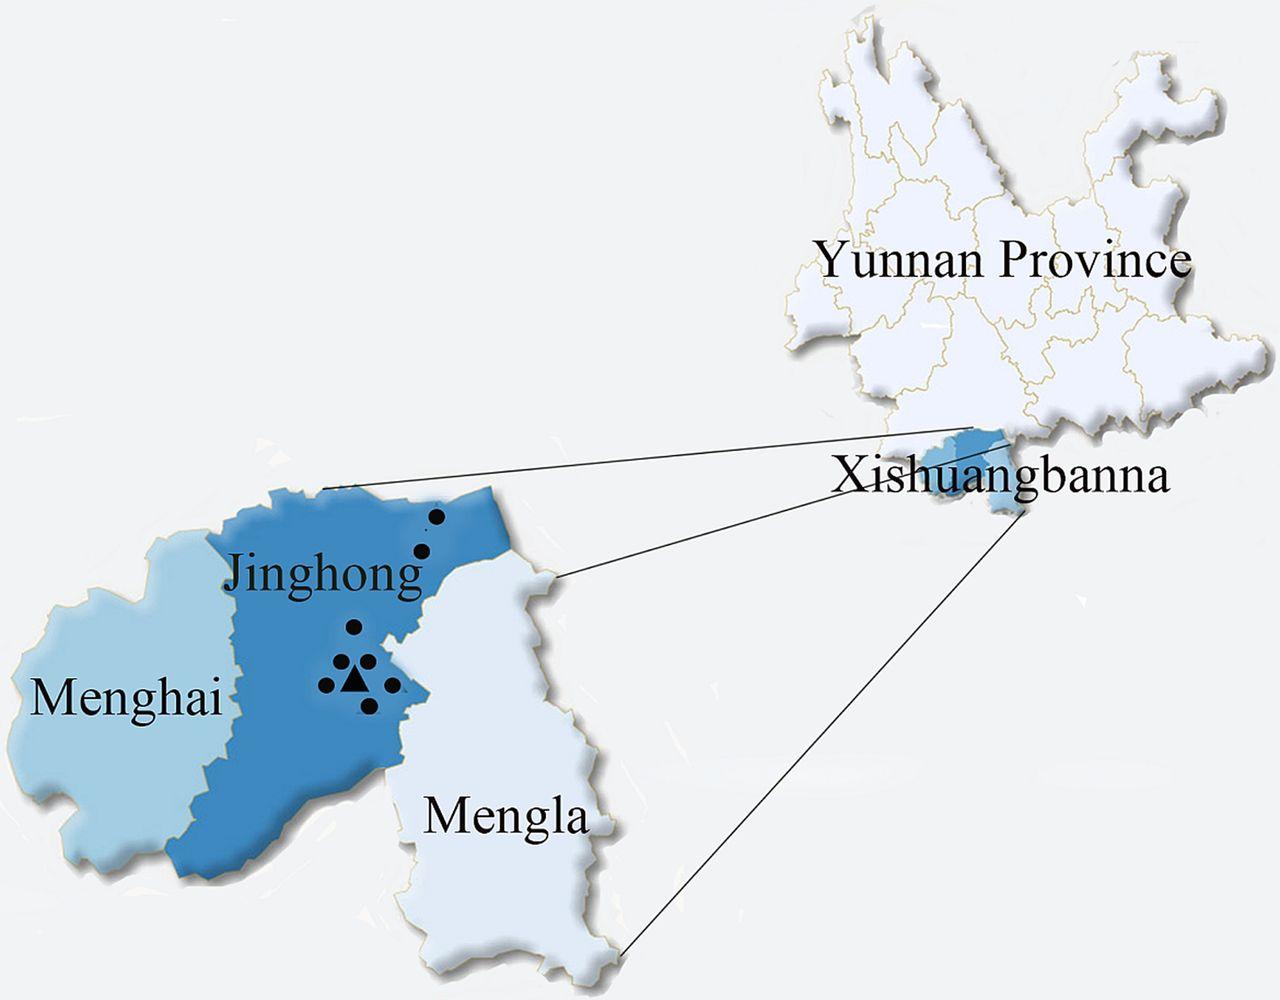 Mutation Screening For Thalassaemia In The Jino Ethnic Minority